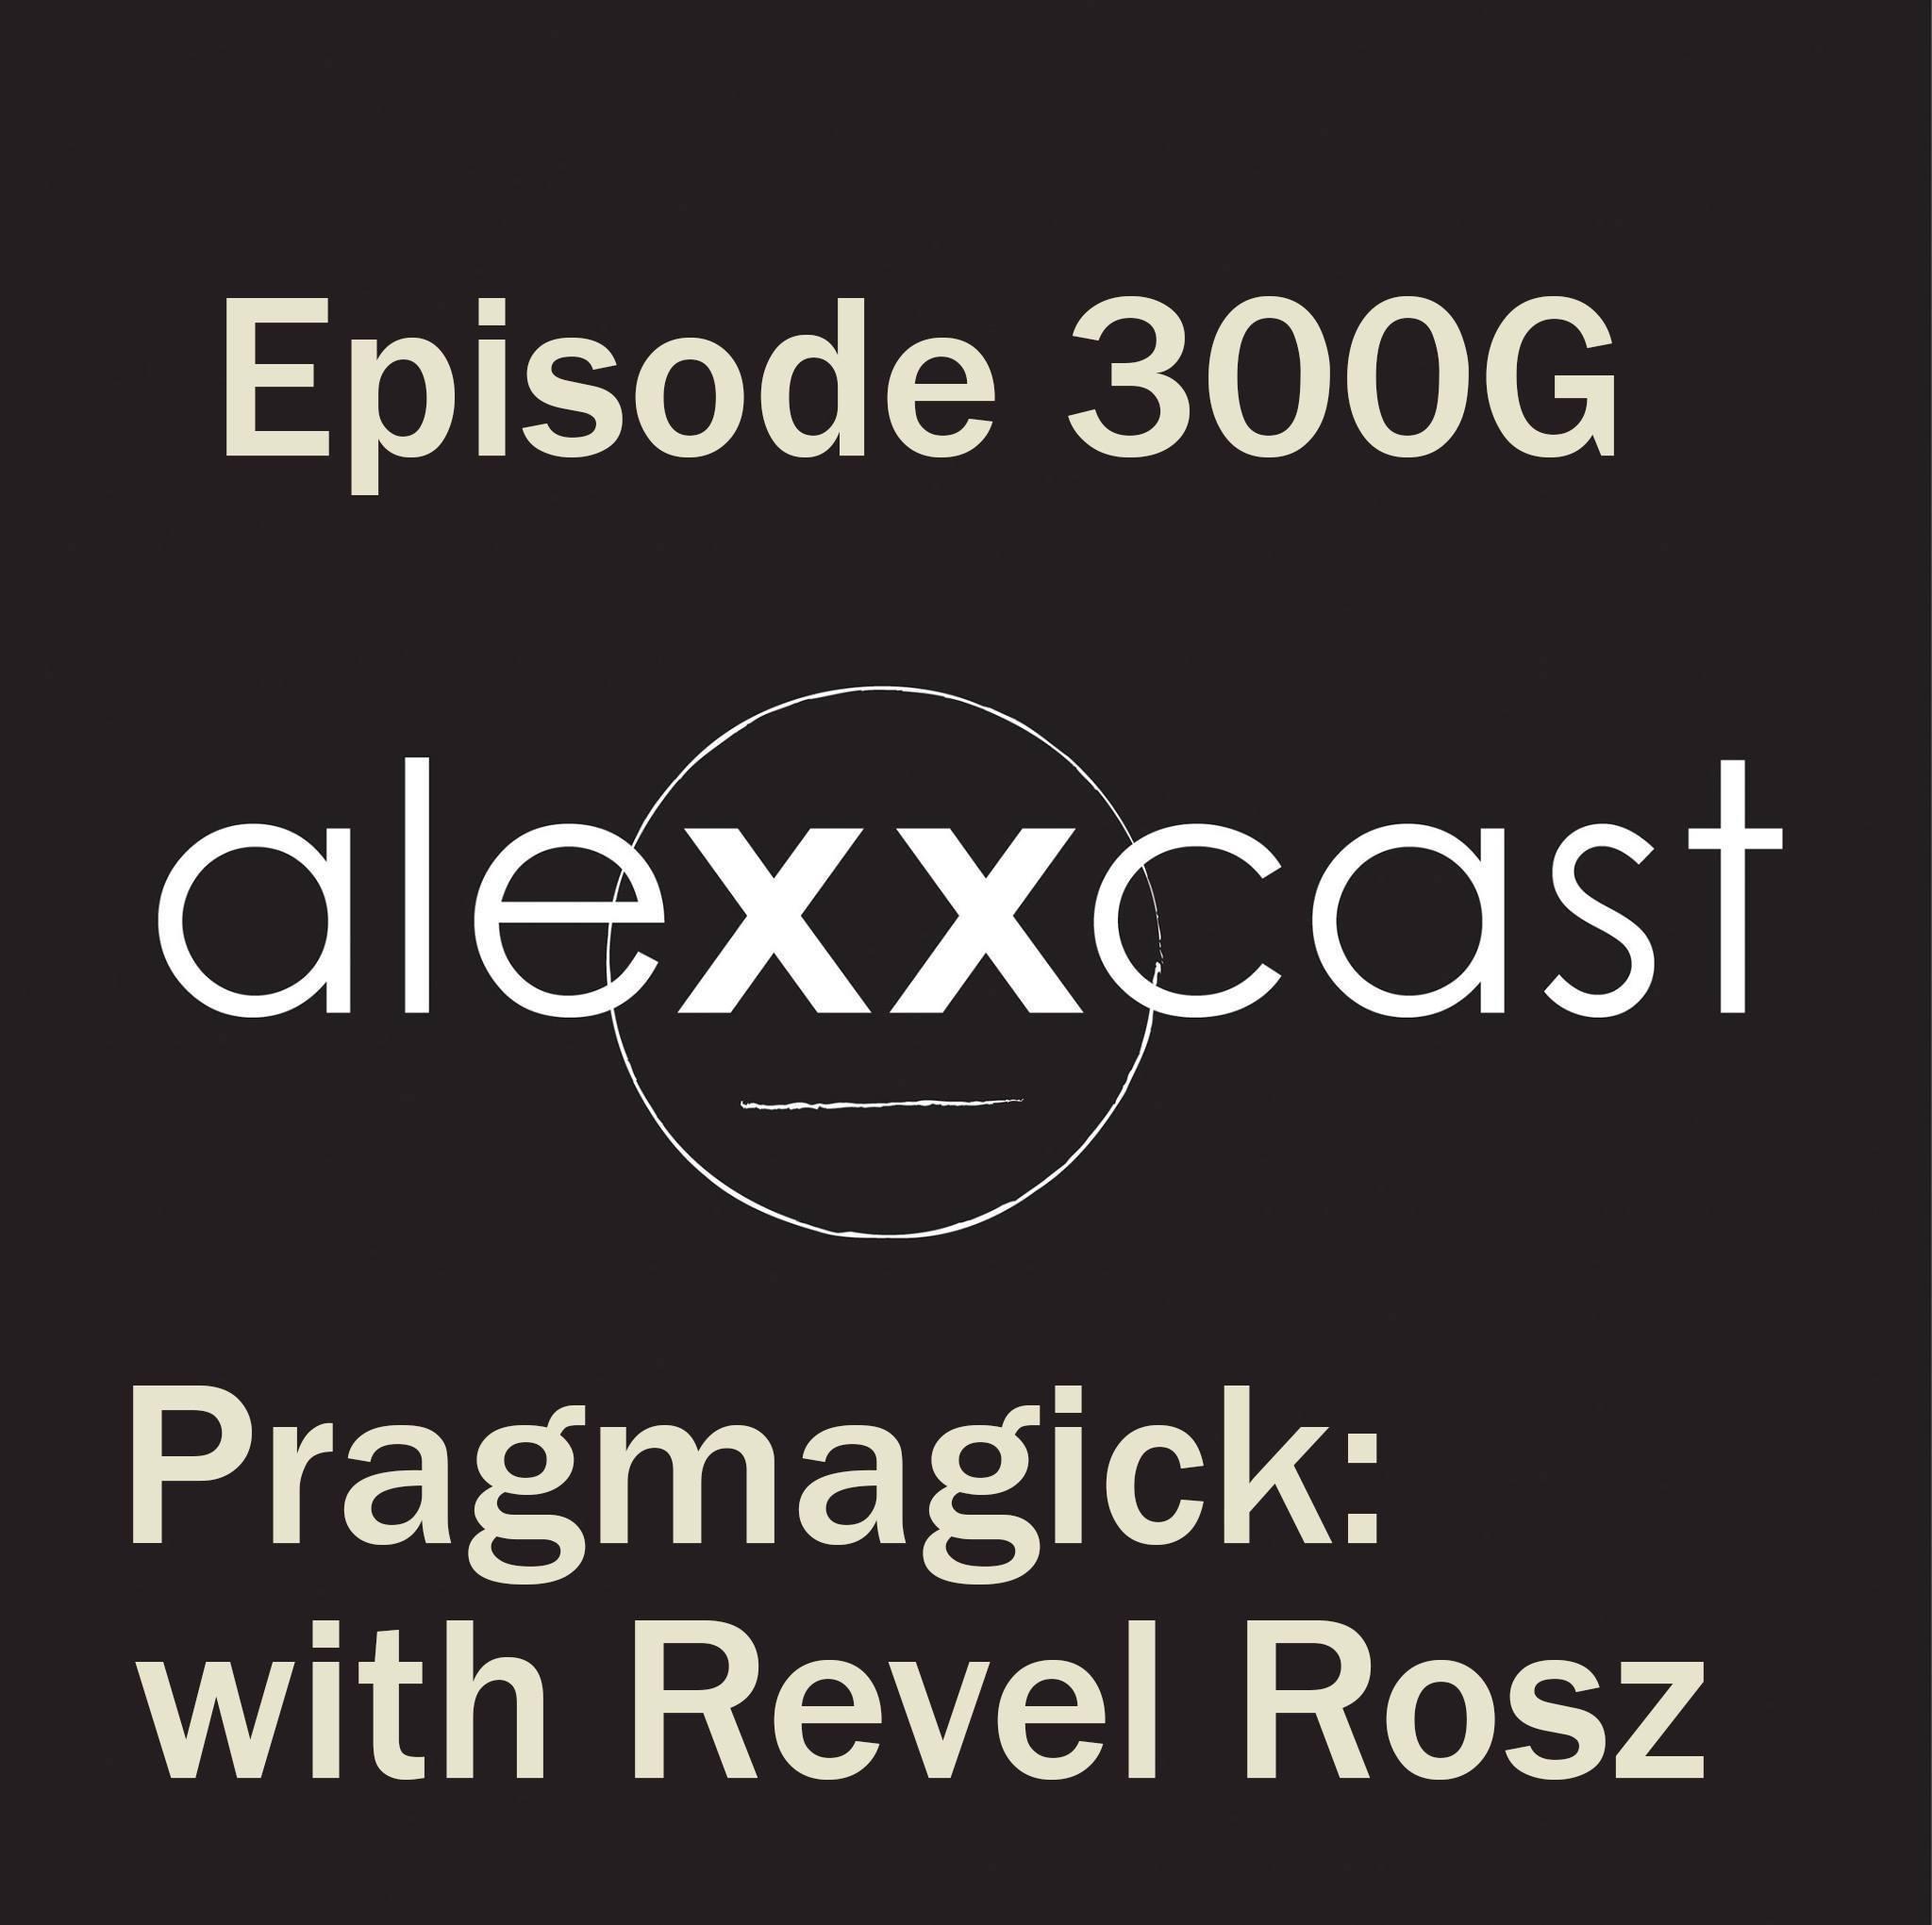 The ALEXXCAST w/ REVEL ROSZ (SHARECAST)